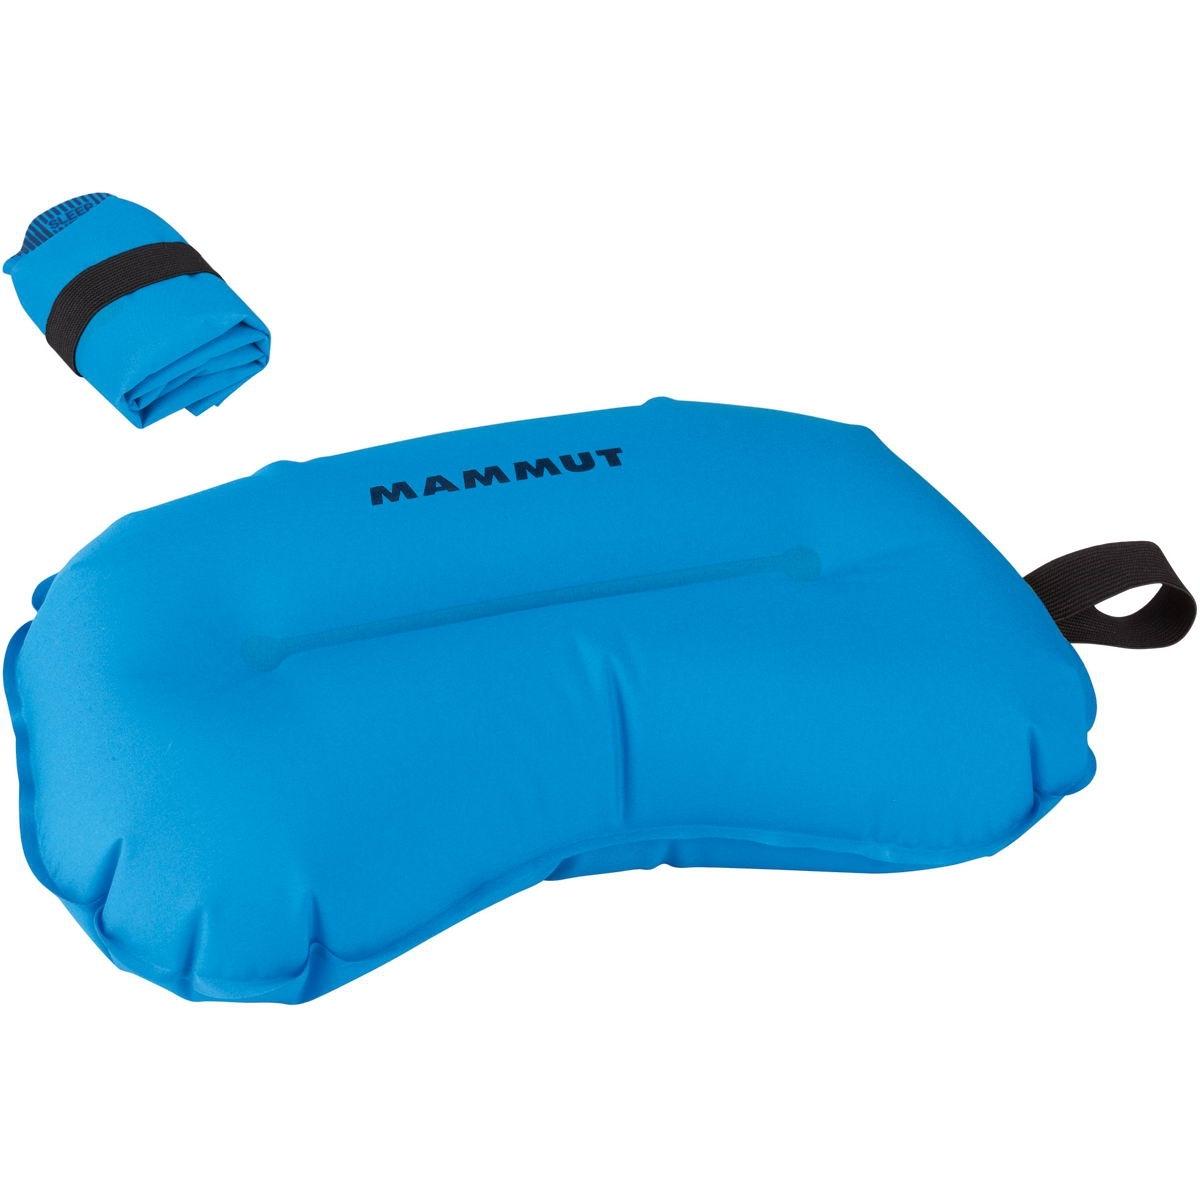 Mammut Air Pillow - Kopfkissen imperial - Bild 1